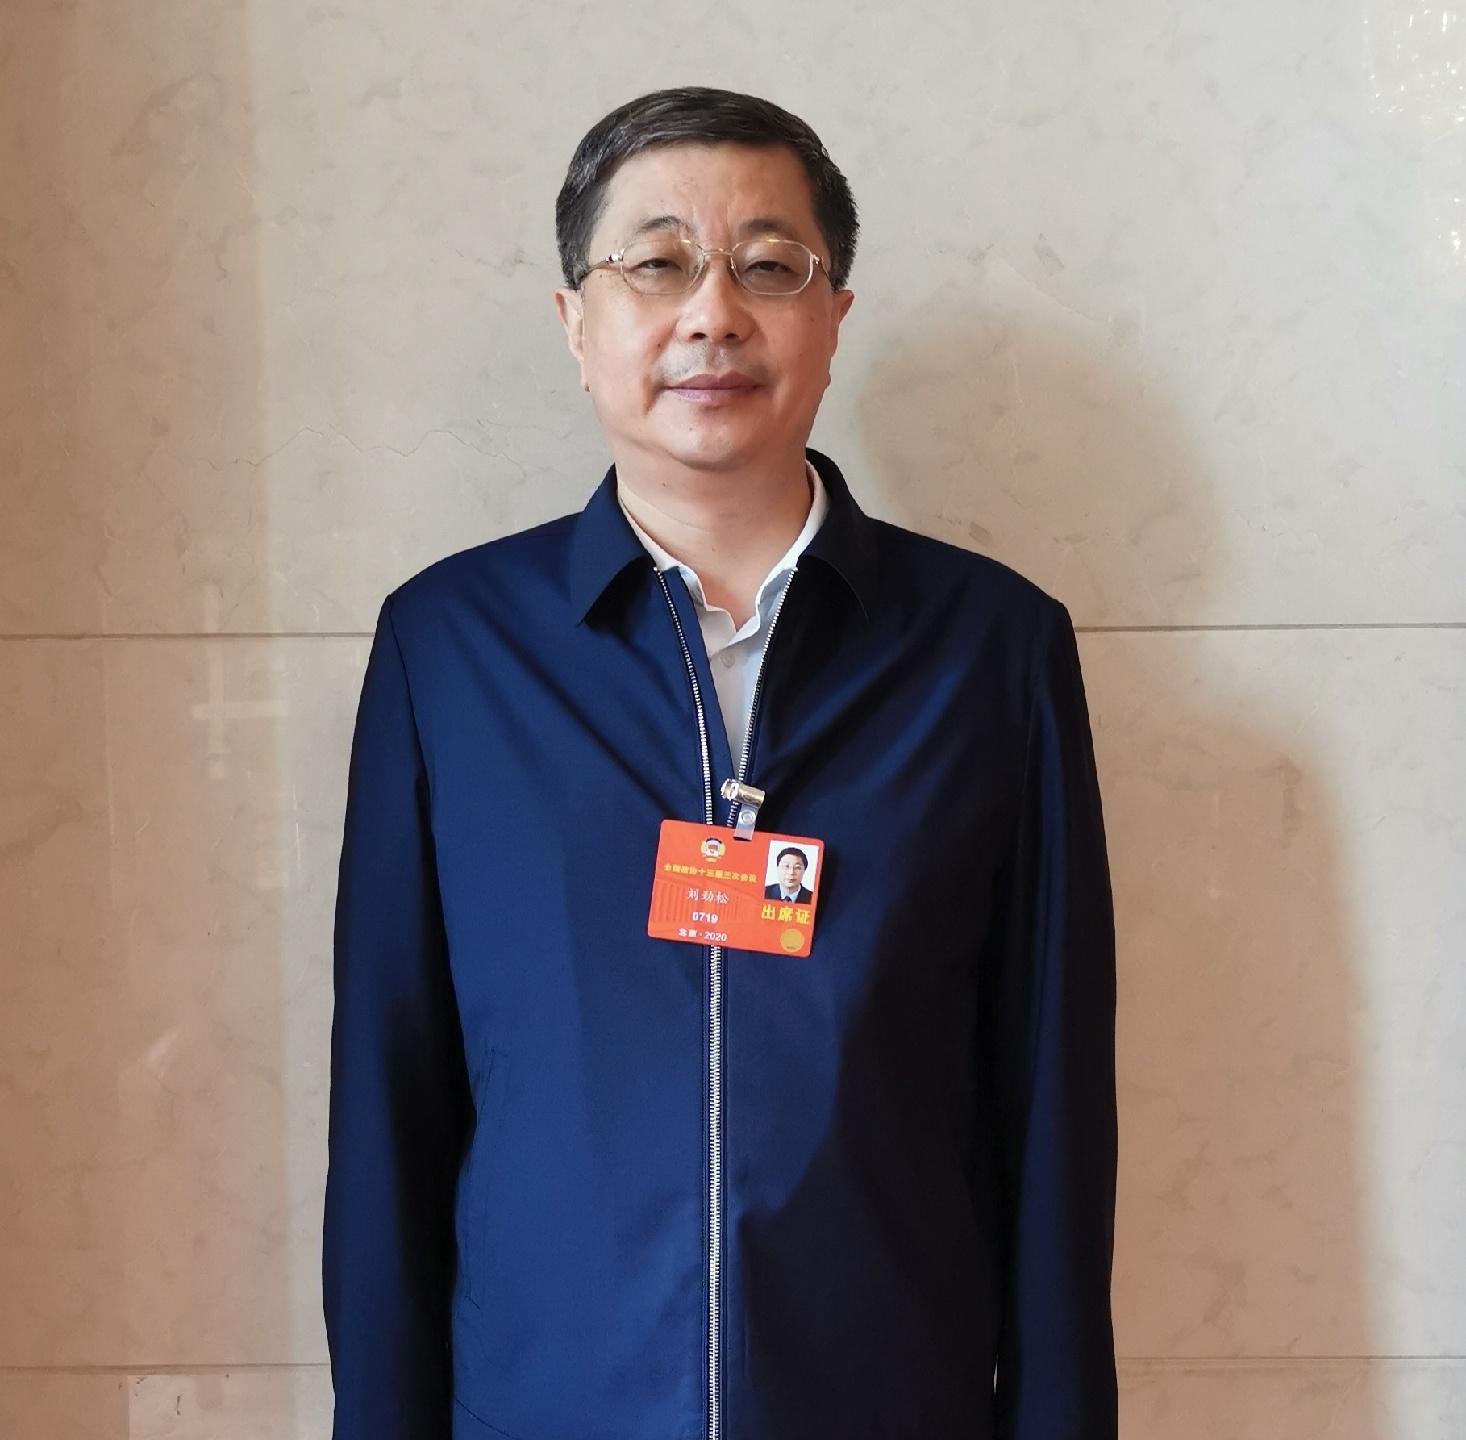 全国政协委员、河北省工商联主席刘劲松:推动产业链与创新链、资金链、政策链有机融合